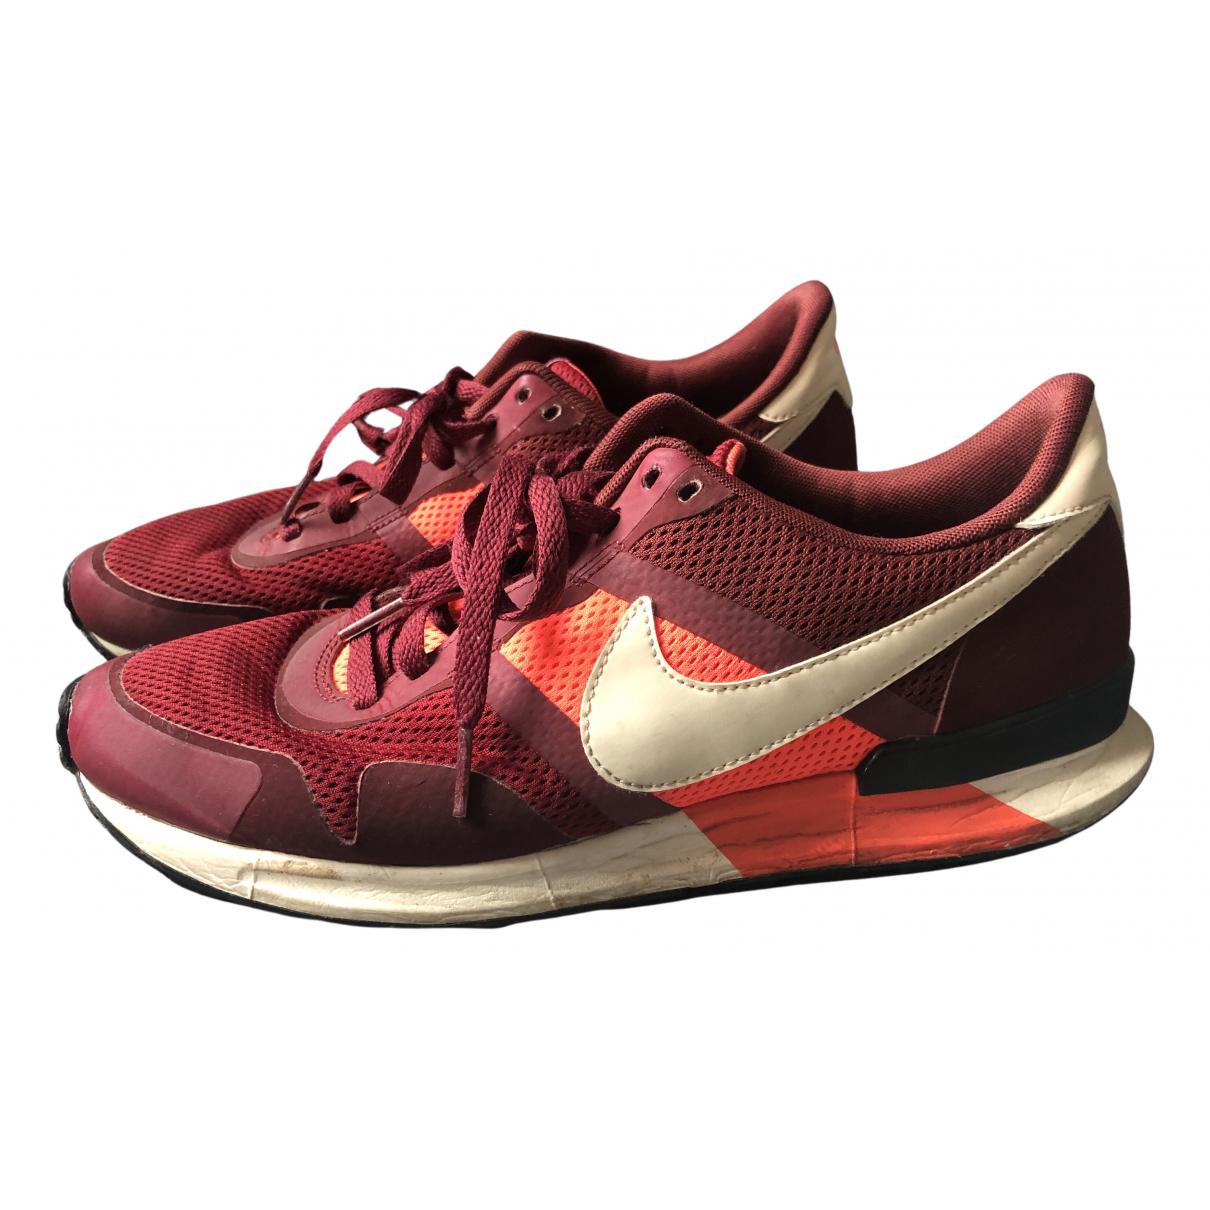 Nike - Baskets   pour homme en toile - bordeaux